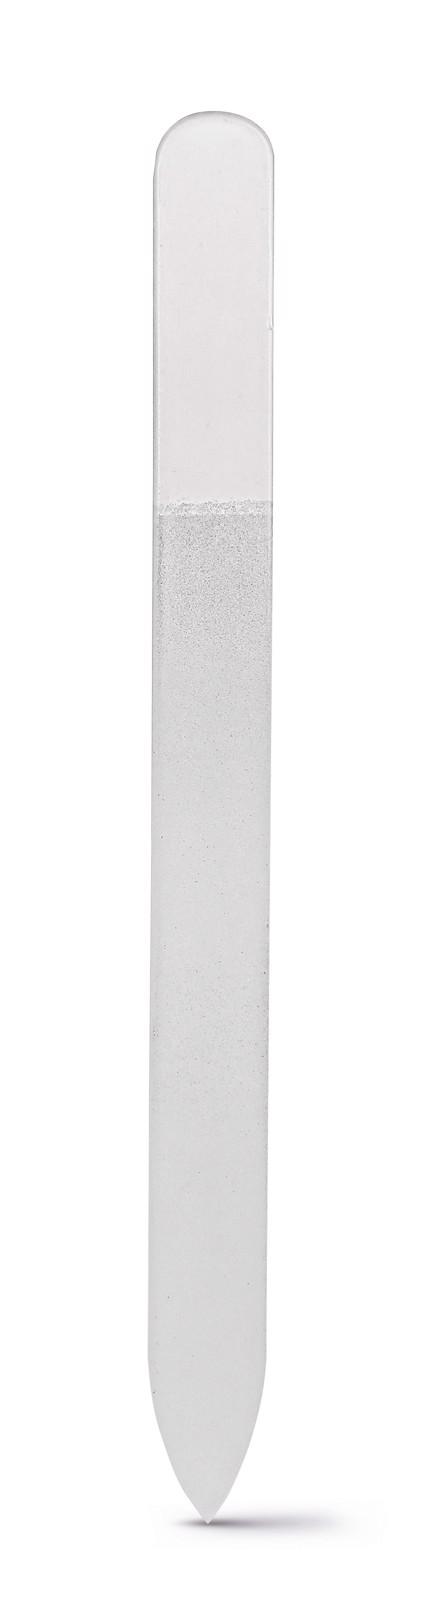 RASPERA. Skleněný pilník na nehty - Transparentní